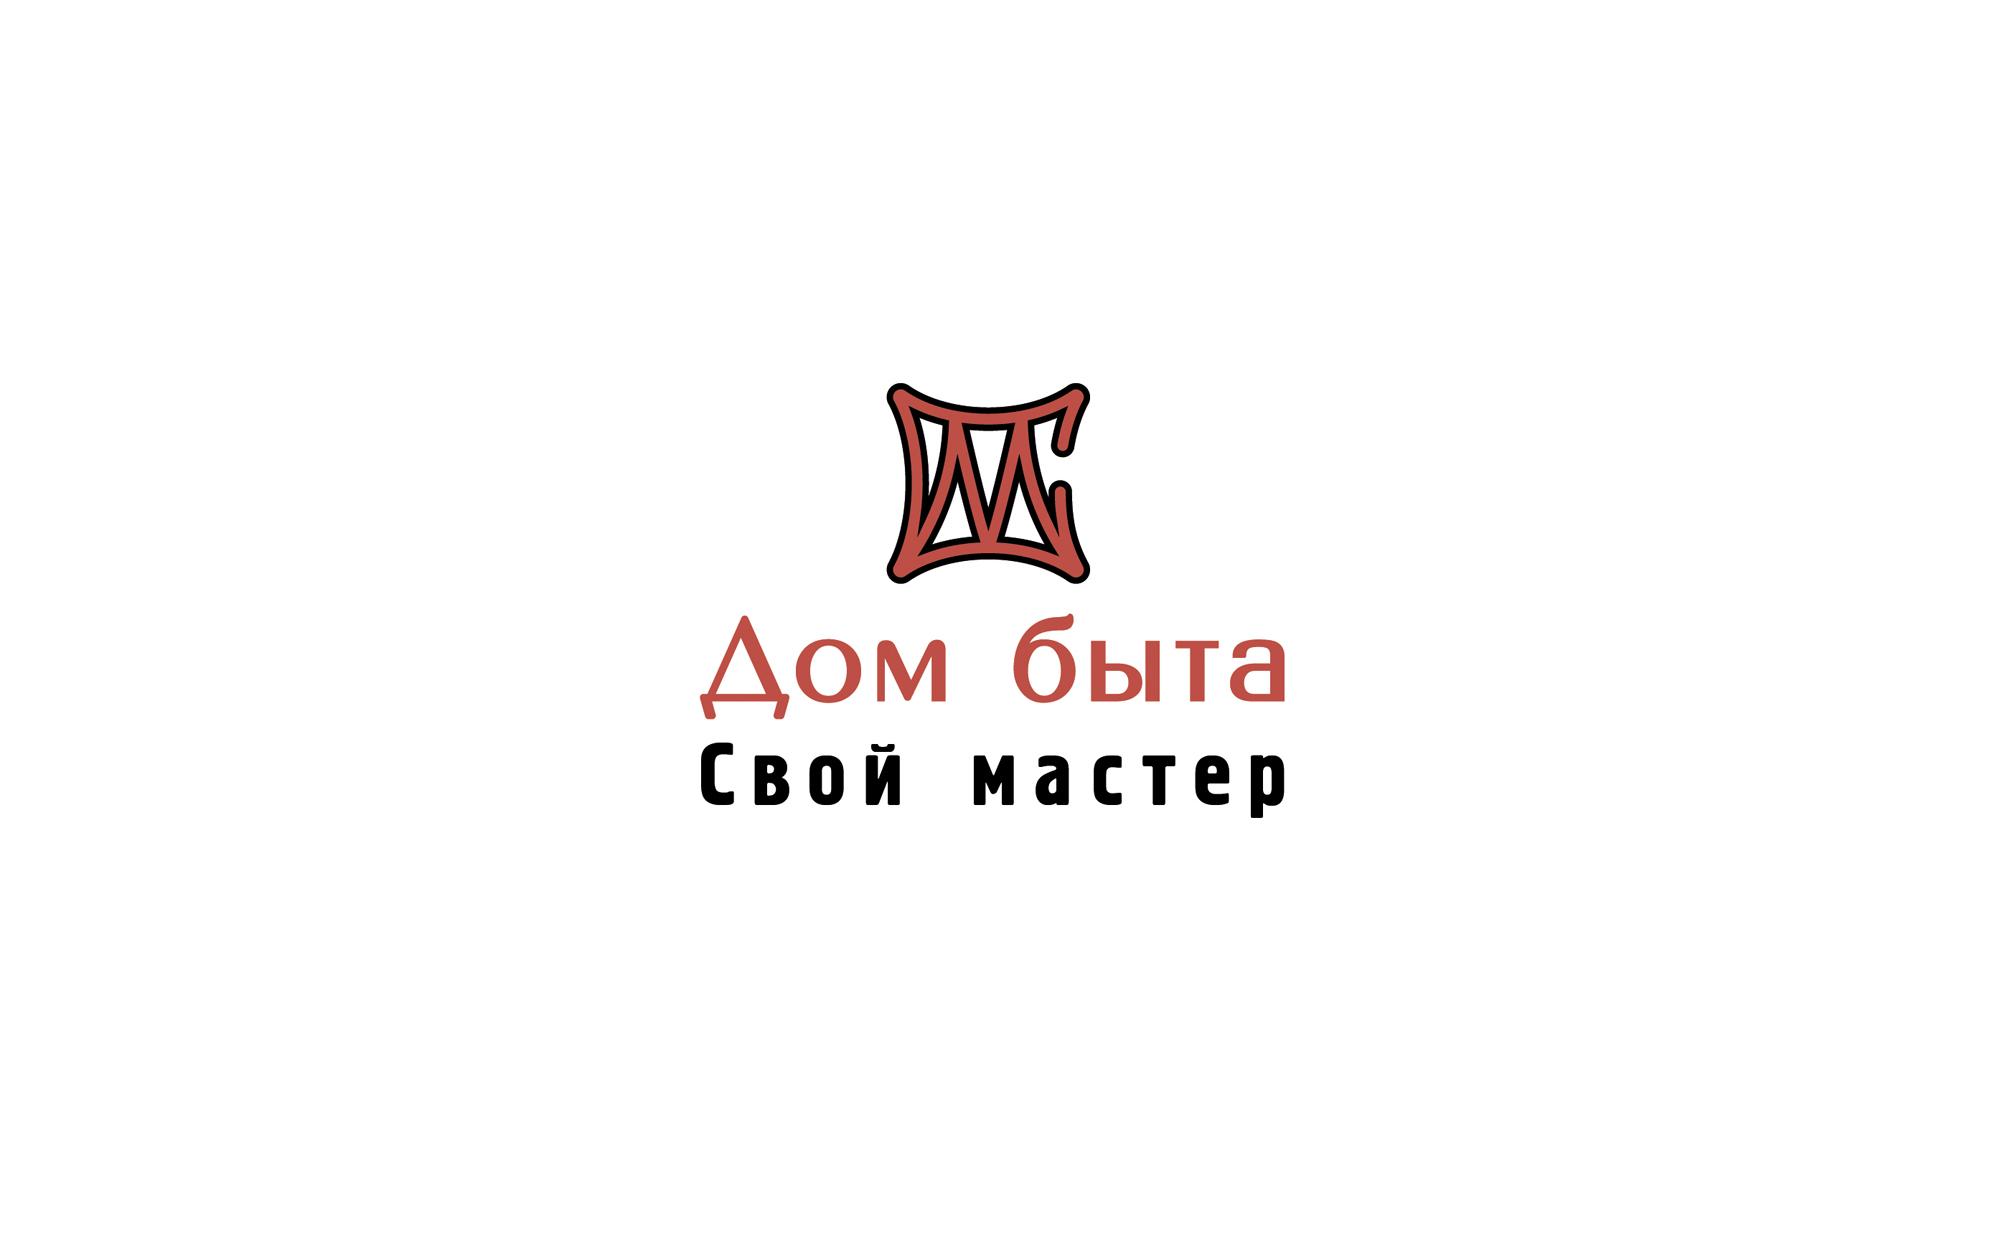 Логотип для сетевого ДОМ БЫТА фото f_7315d7ac2c338150.jpg